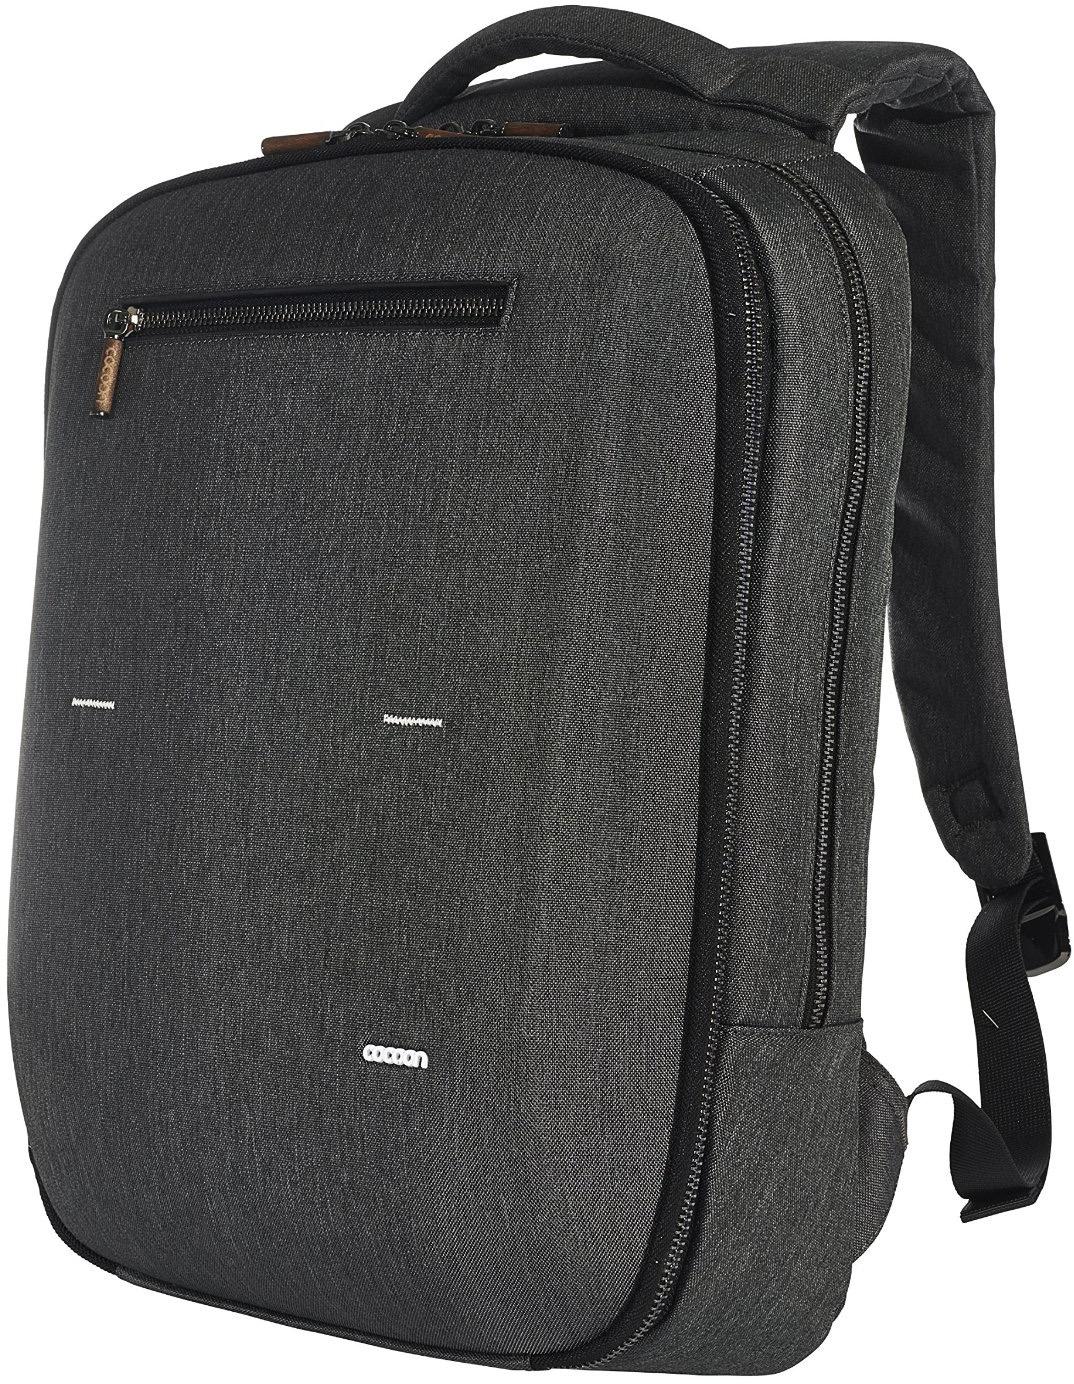 Рюкзак органайзер деловой модные рюкзаки купить харьков